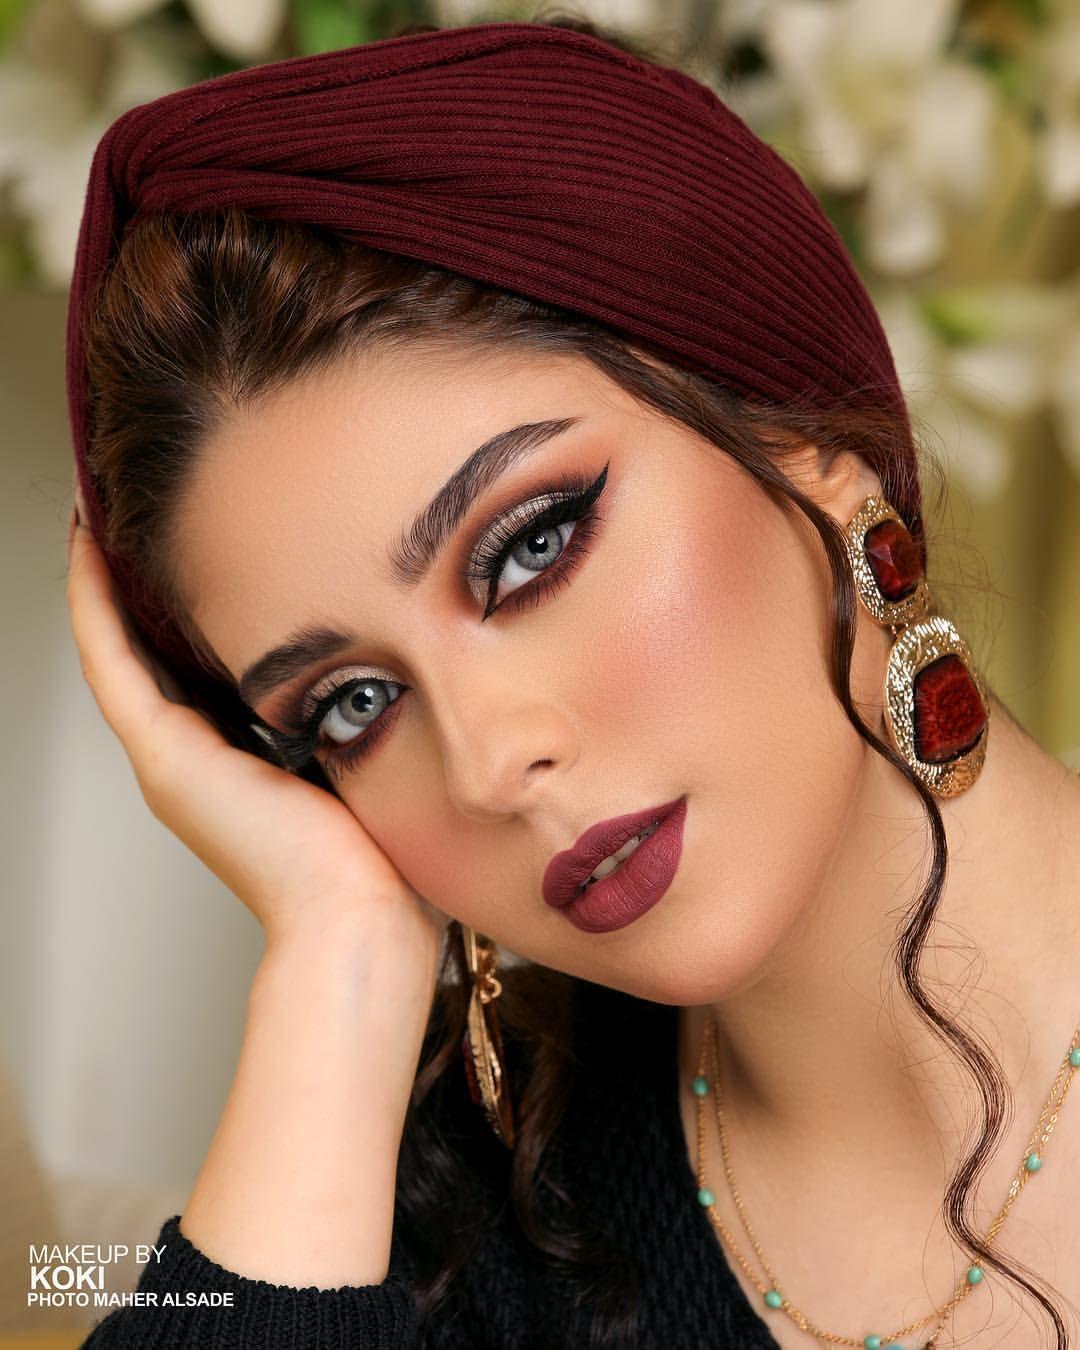 إن كان ح لمك لا يخيفك فاعلم أنه ليس كبيرا بما فيه الكفاية من اريد اخذلكم صورة ع الشمس وكوة افتح عيوني يمكن Beautiful Lipstick Arabic Makeup Makeup